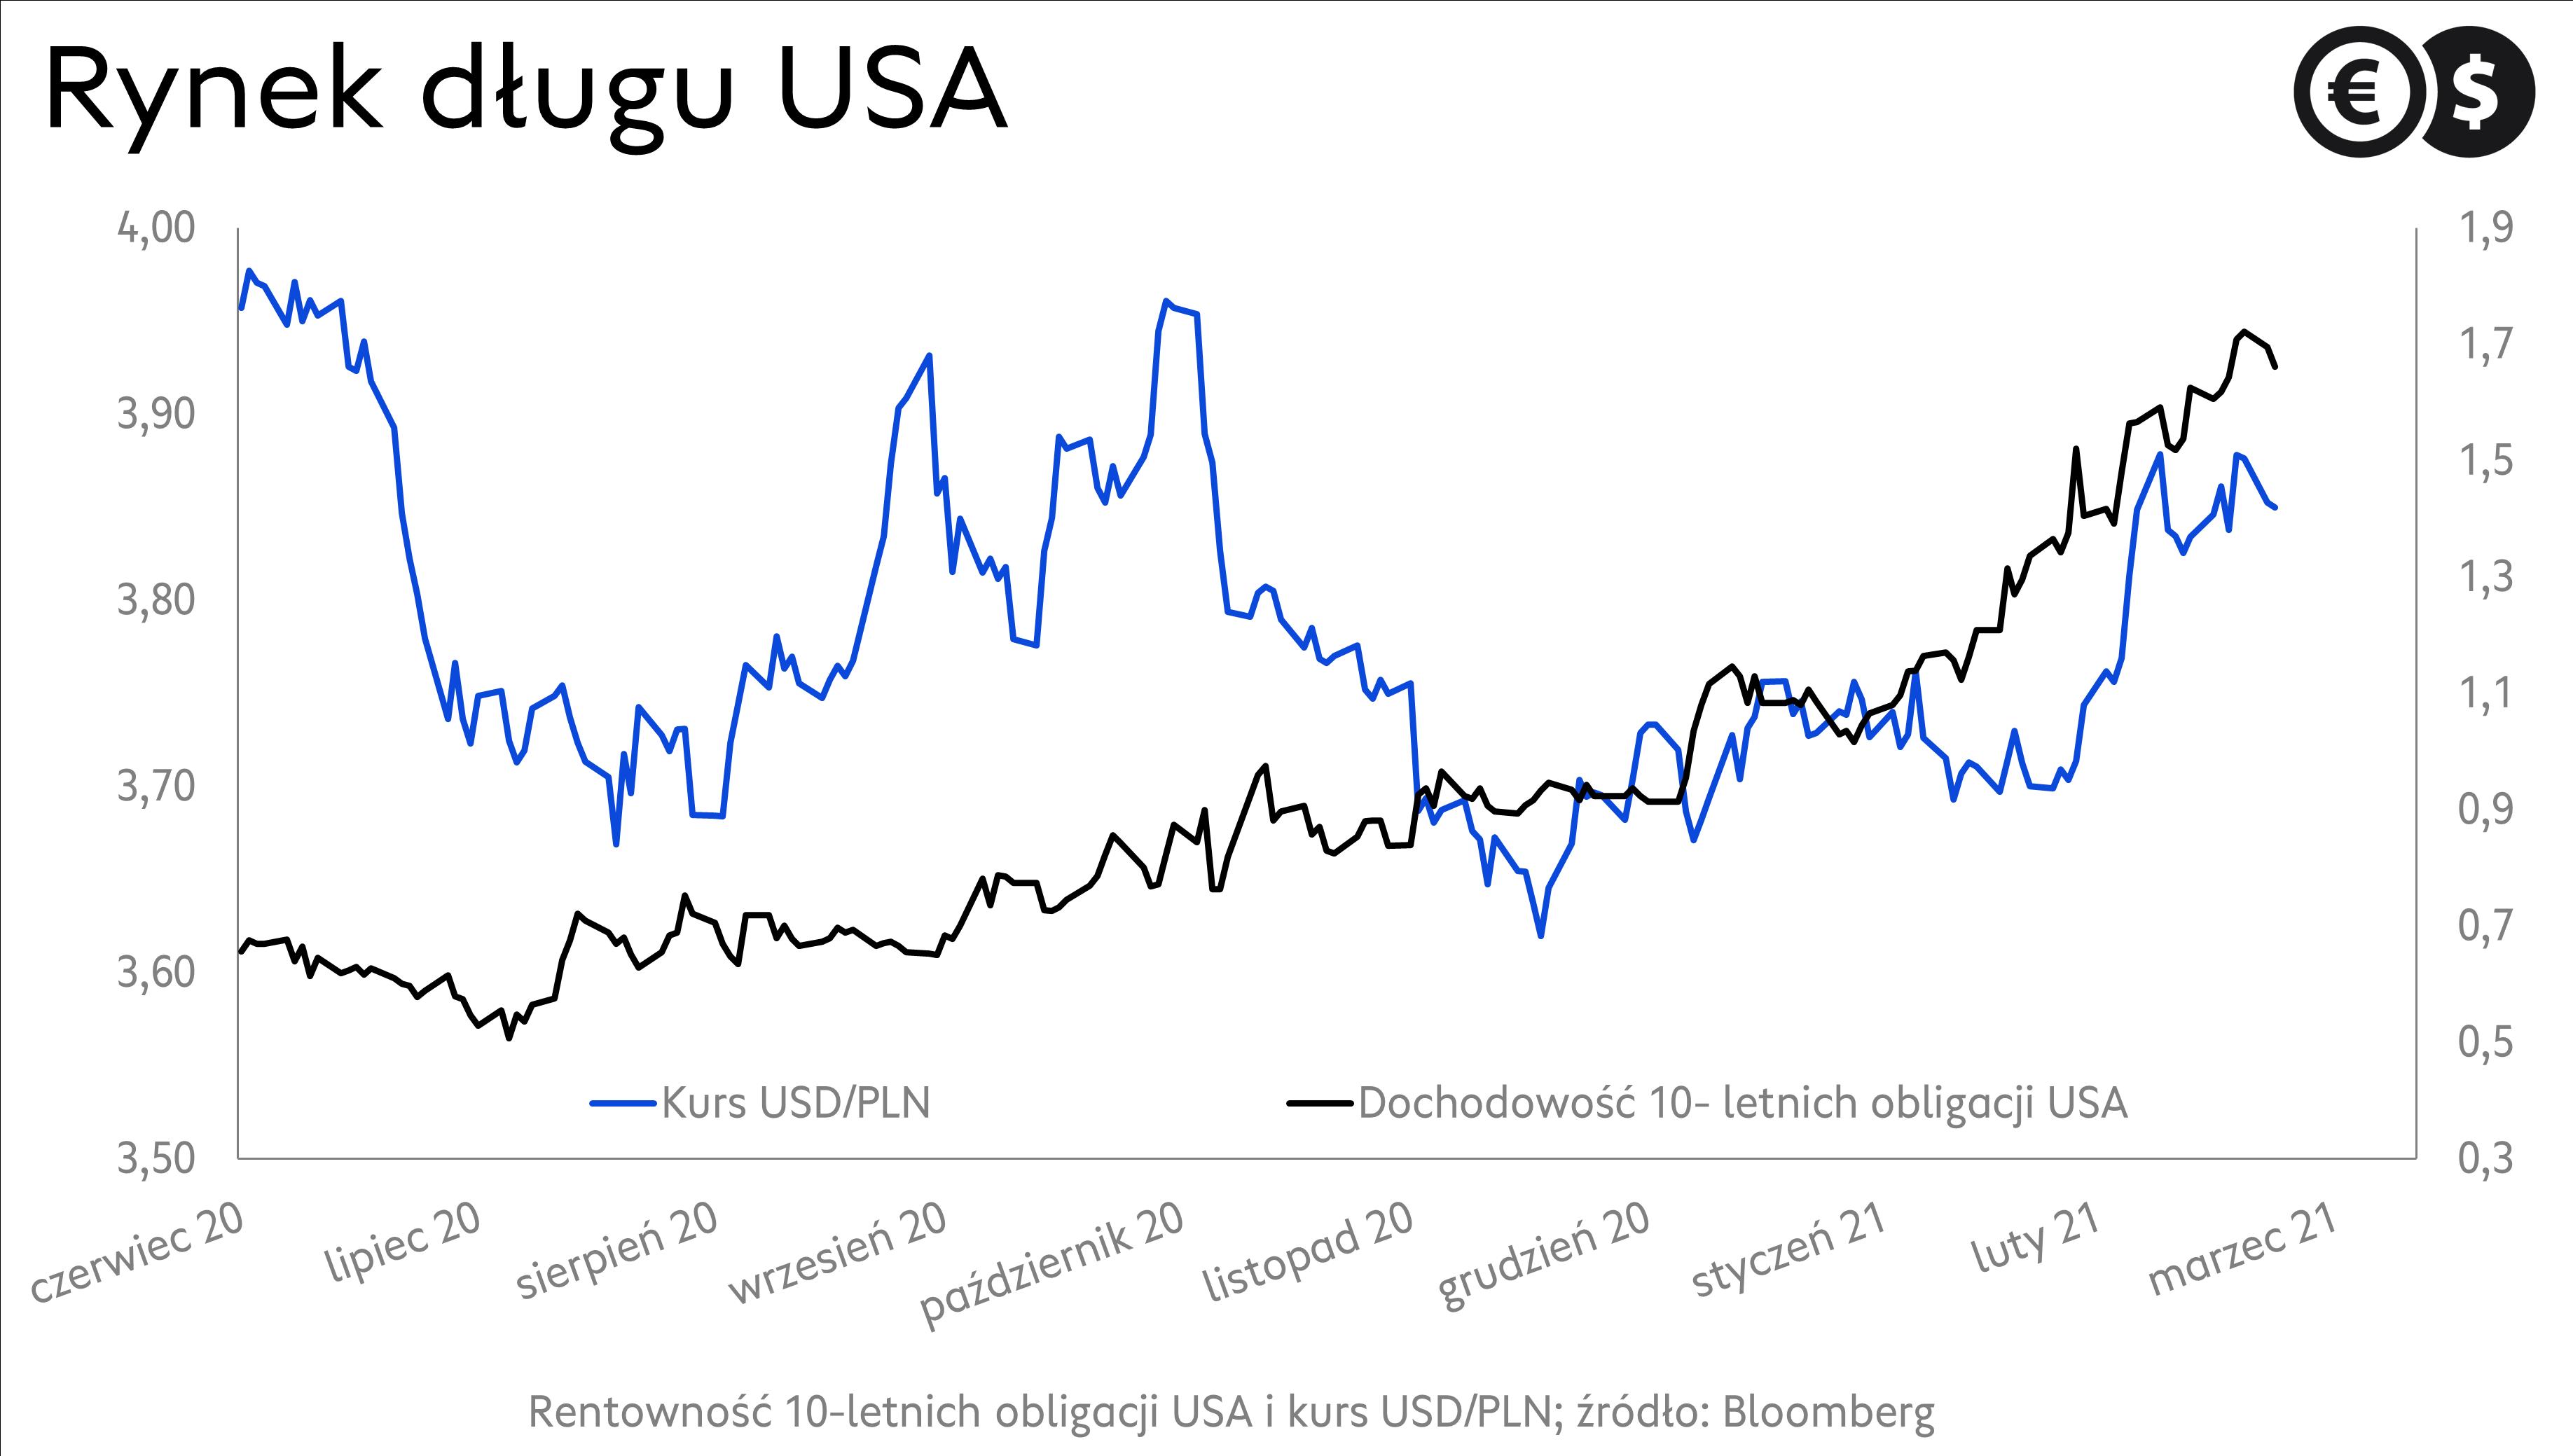 Kurs dolara: wykres USD/PLN i rentowności obligacji USA; źródło: Bloomberg